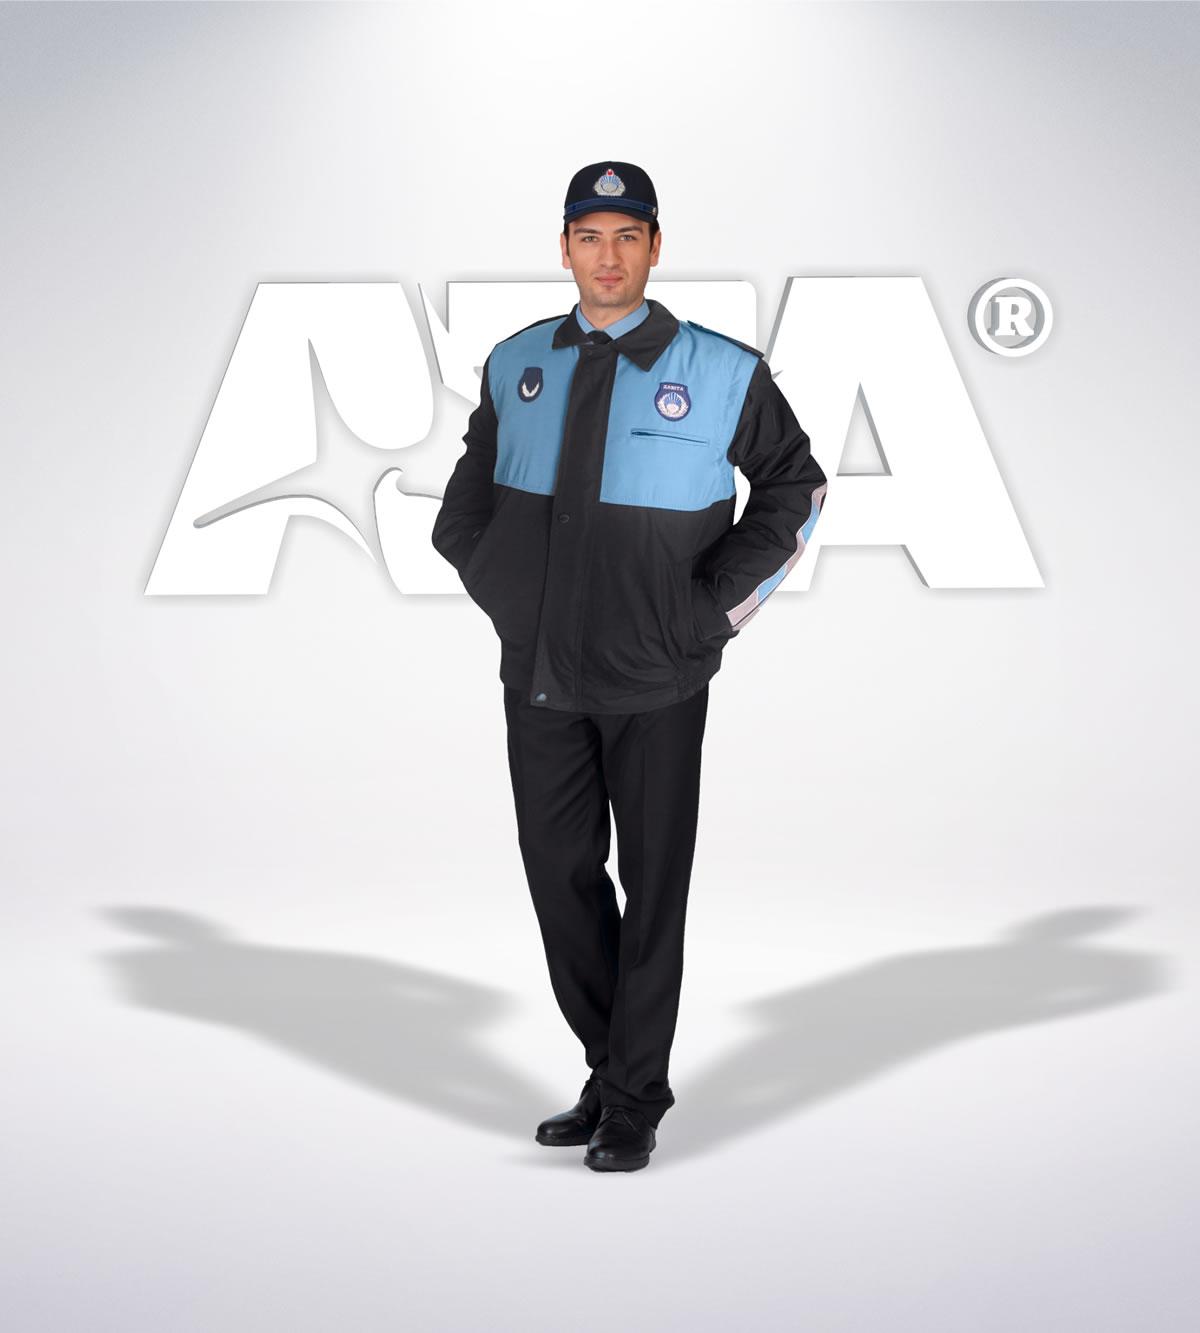 ATA 214 - ön - Pantolon kışlık -mont-reflektör-aksesuar - zabıta elbiseleri | zabıta üniformaları | zabıta kıyafetleri